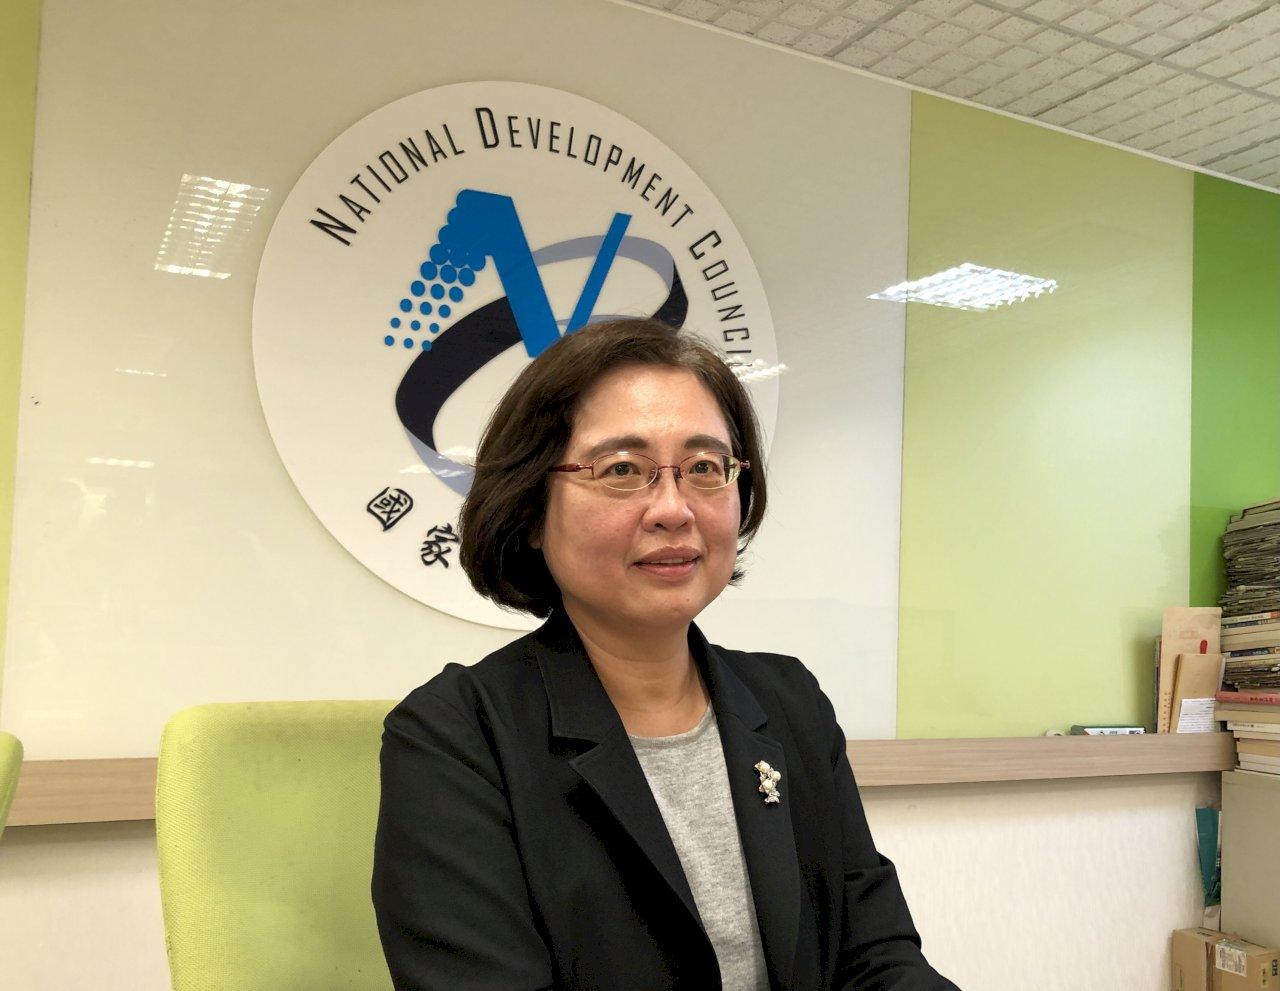 27年來最佳!今年經濟自由度台灣躍升全球第6